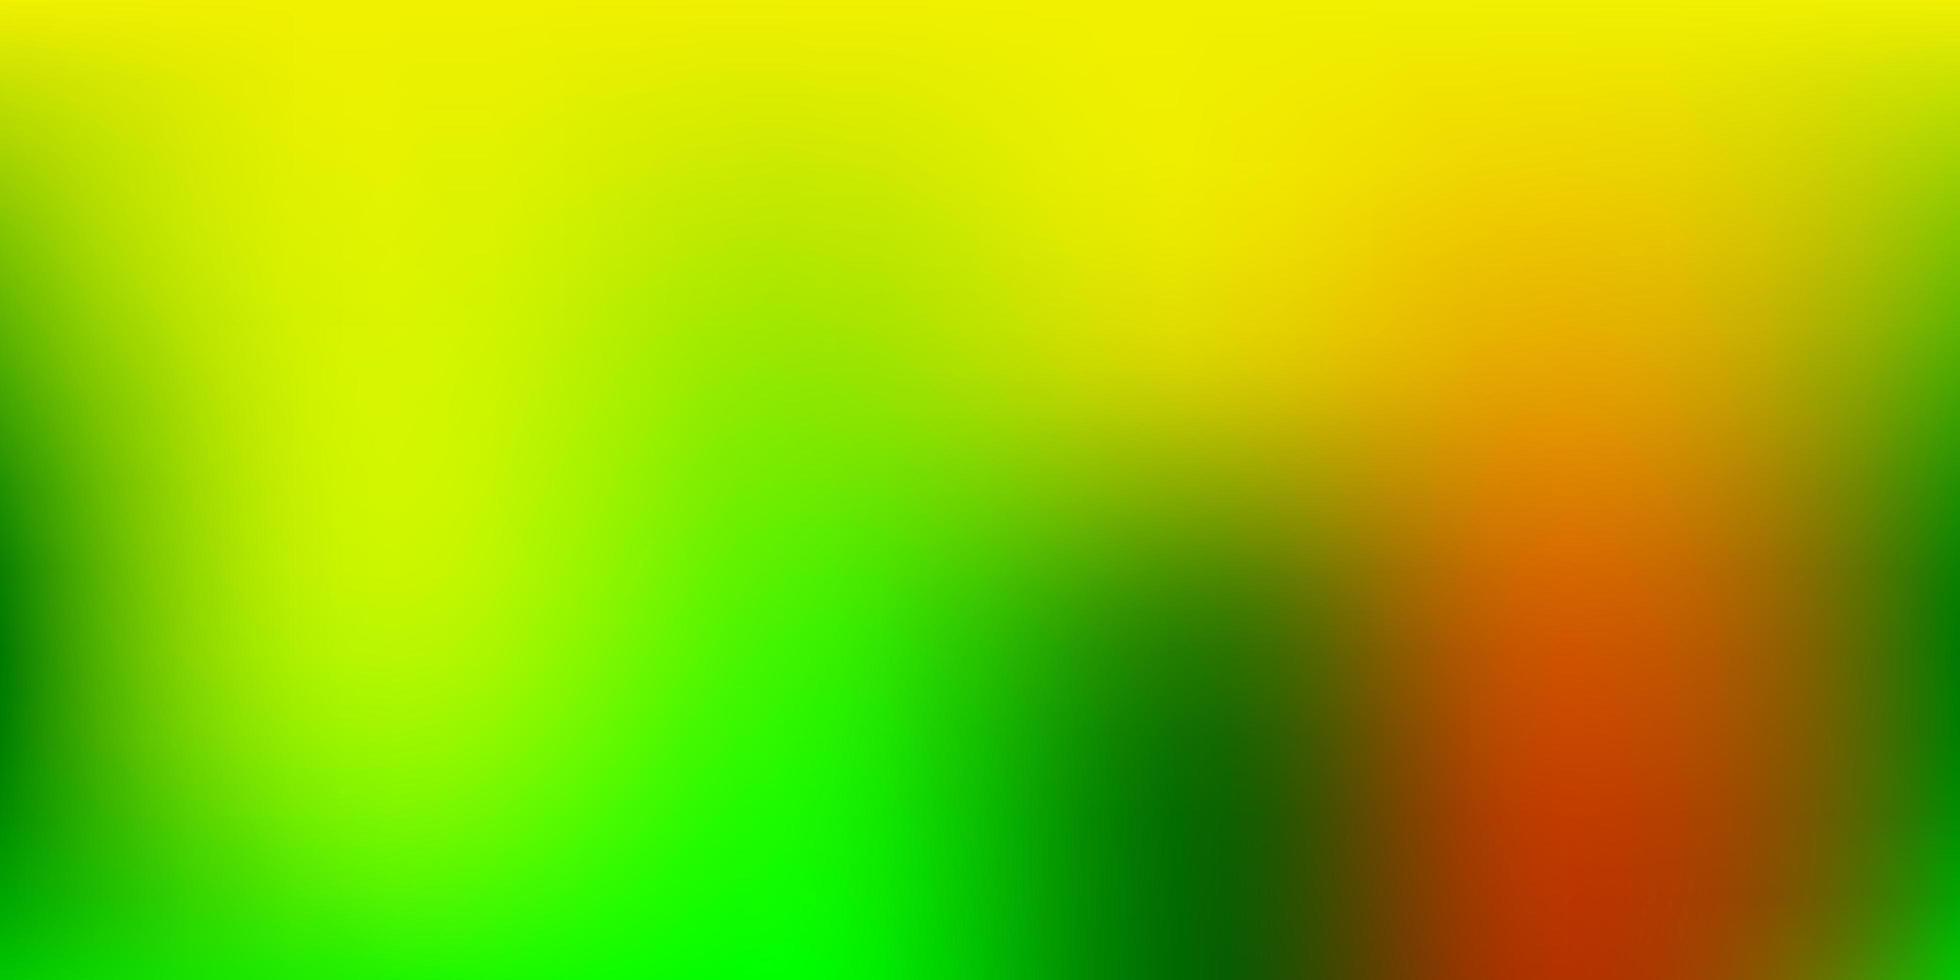 lichtgroen, geel vaag patroon. vector